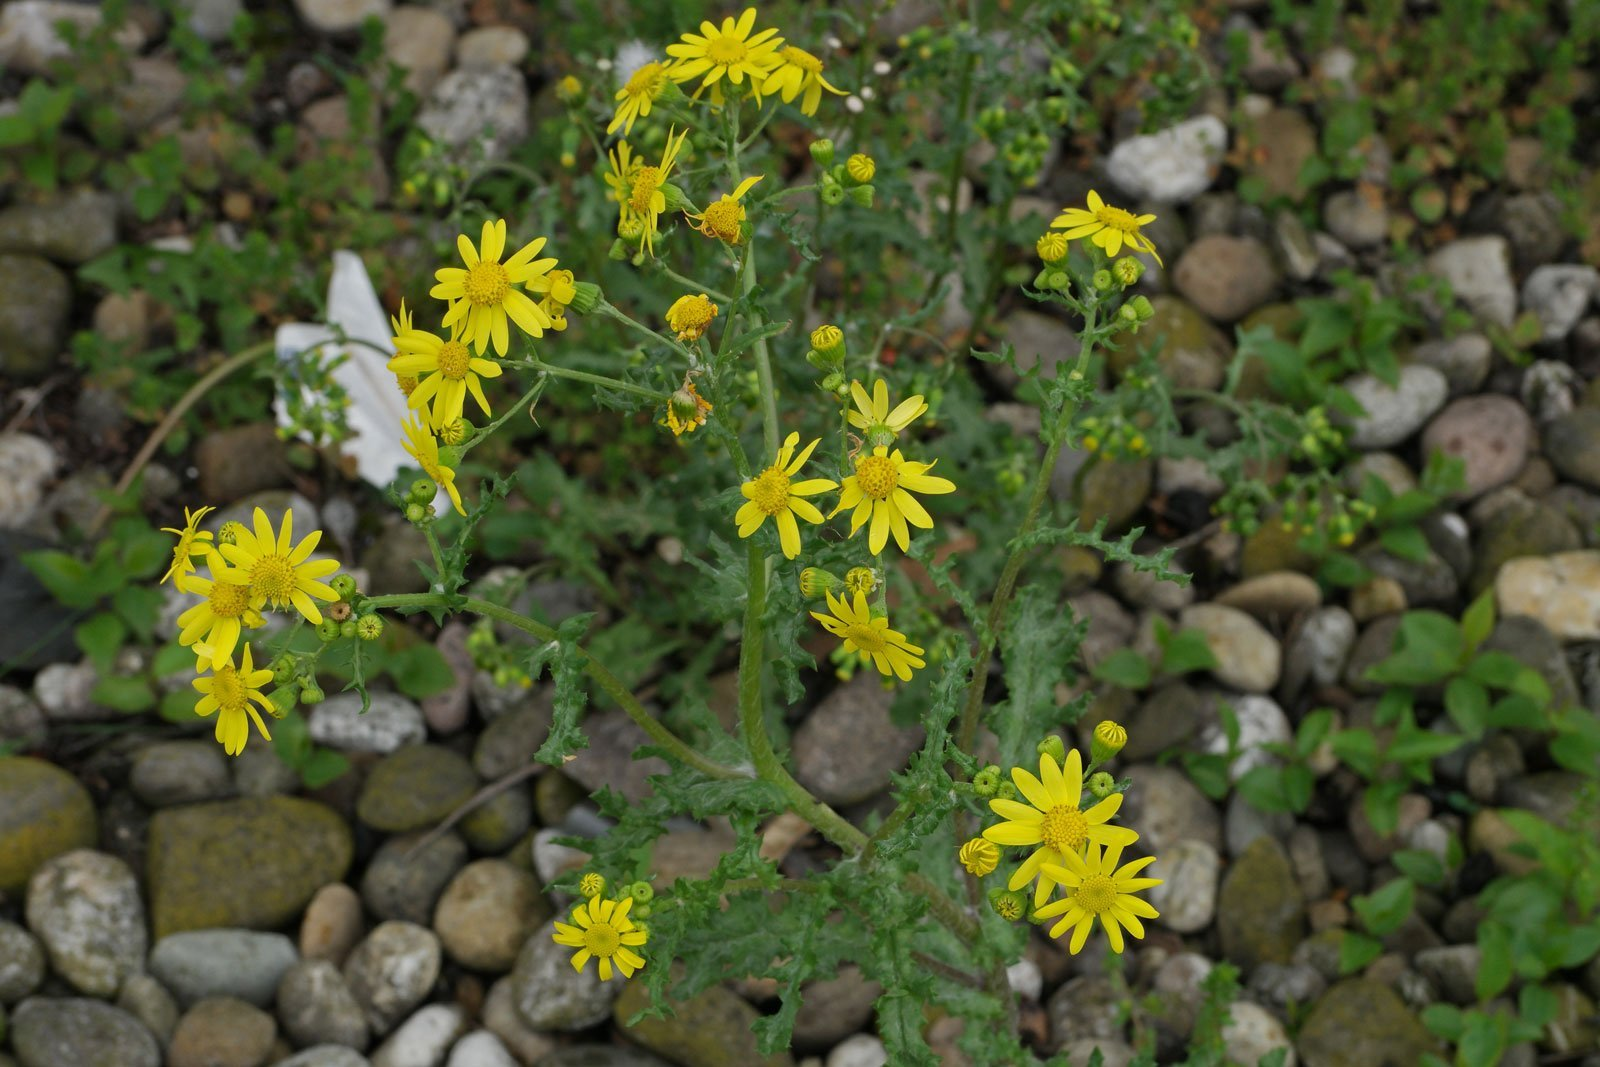 Senecio leucanthemifolius ssp. vernalis